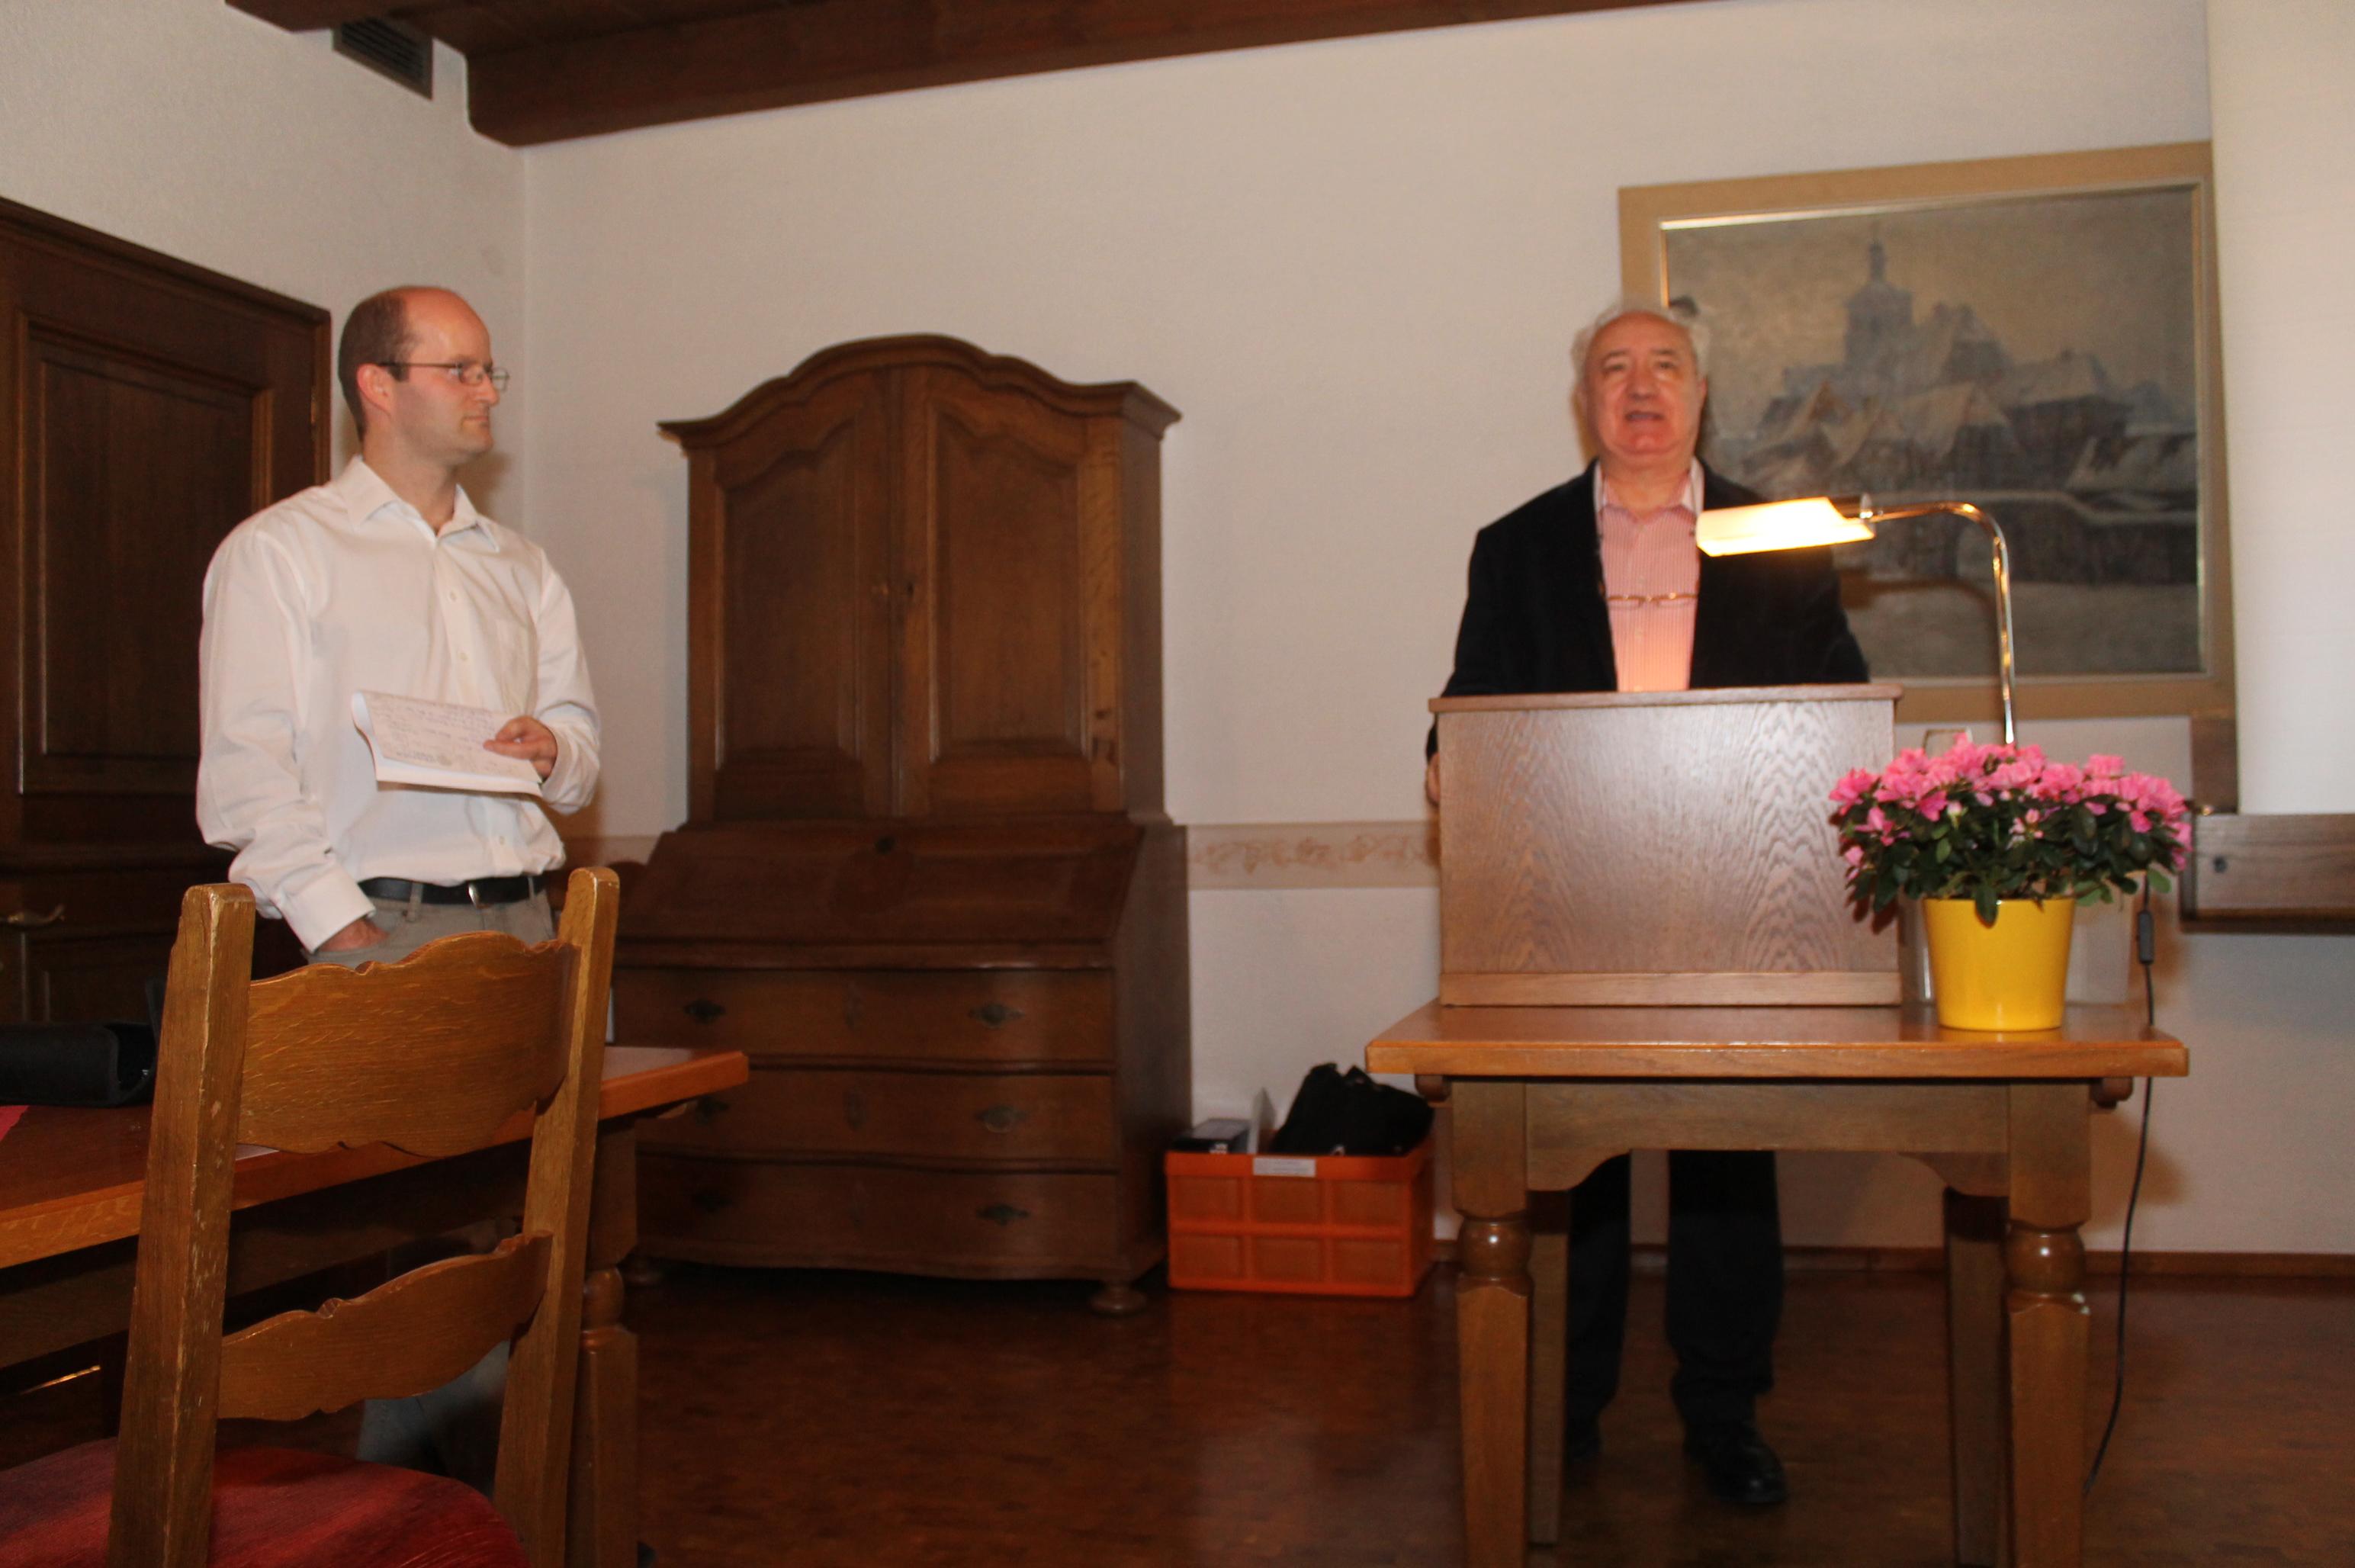 VAR - Vortrag Kloster Lorsch - 02_2016_JoE_032